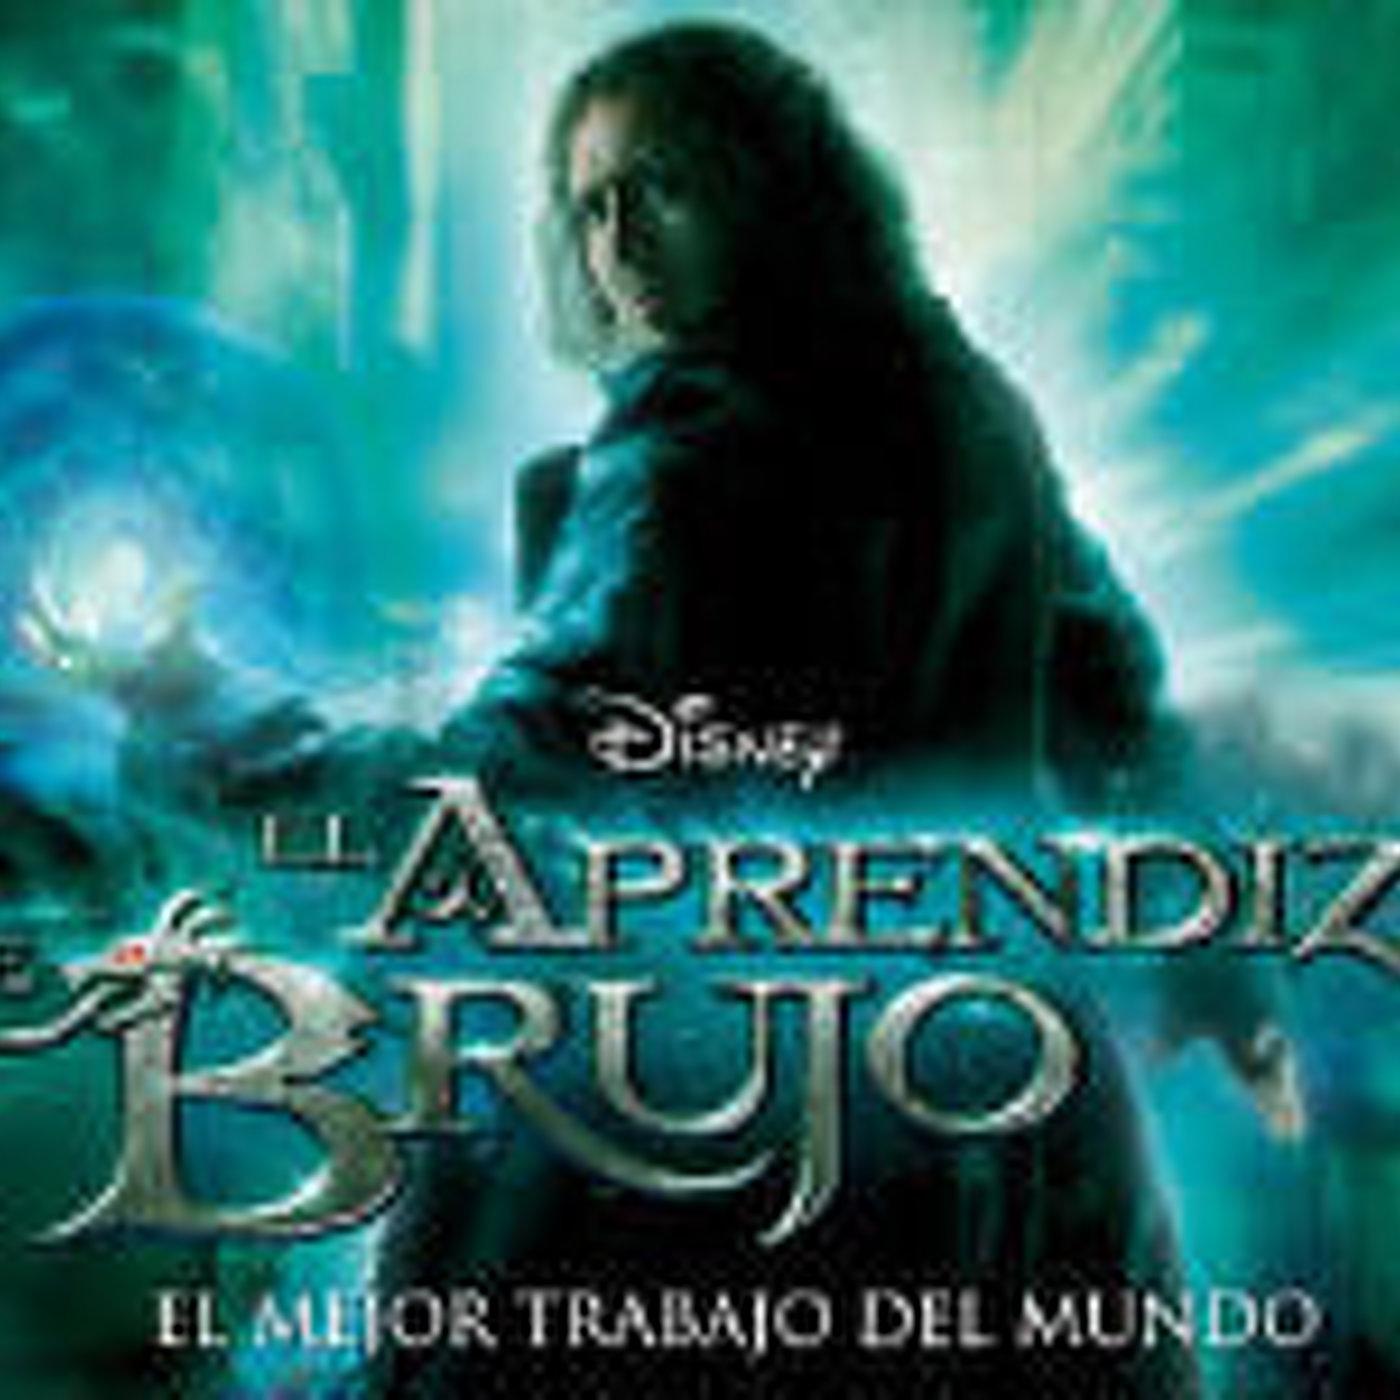 El Aprendiz De Brujo 2010 Audio Latino Ad In Peliculas En Espanol Latino In Mp3 02 09 A Las 03 40 16 01 30 59 3449036 Ivoox